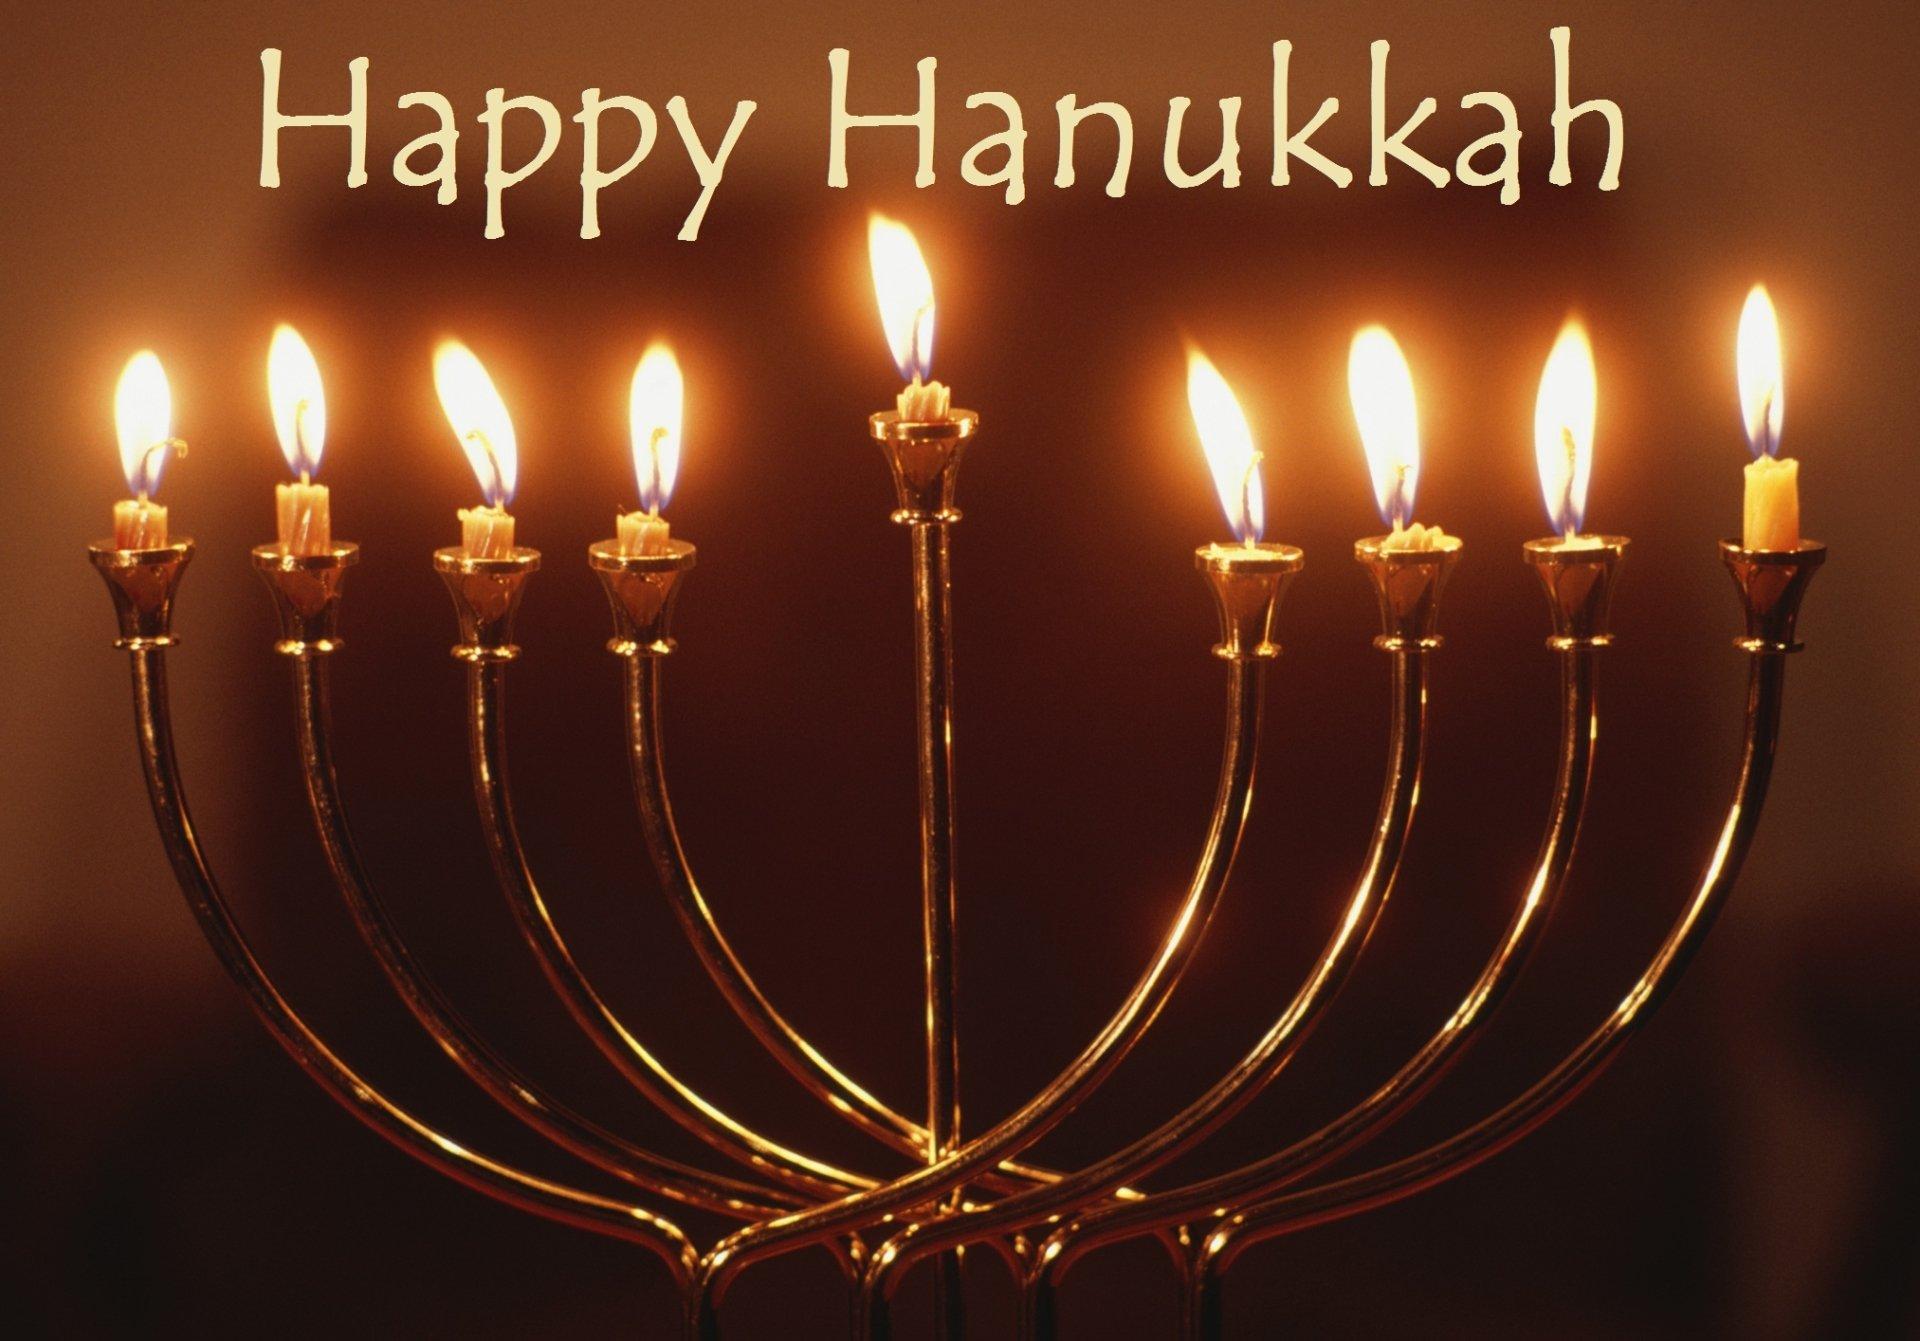 Holiday - Hanukkah  Wallpaper